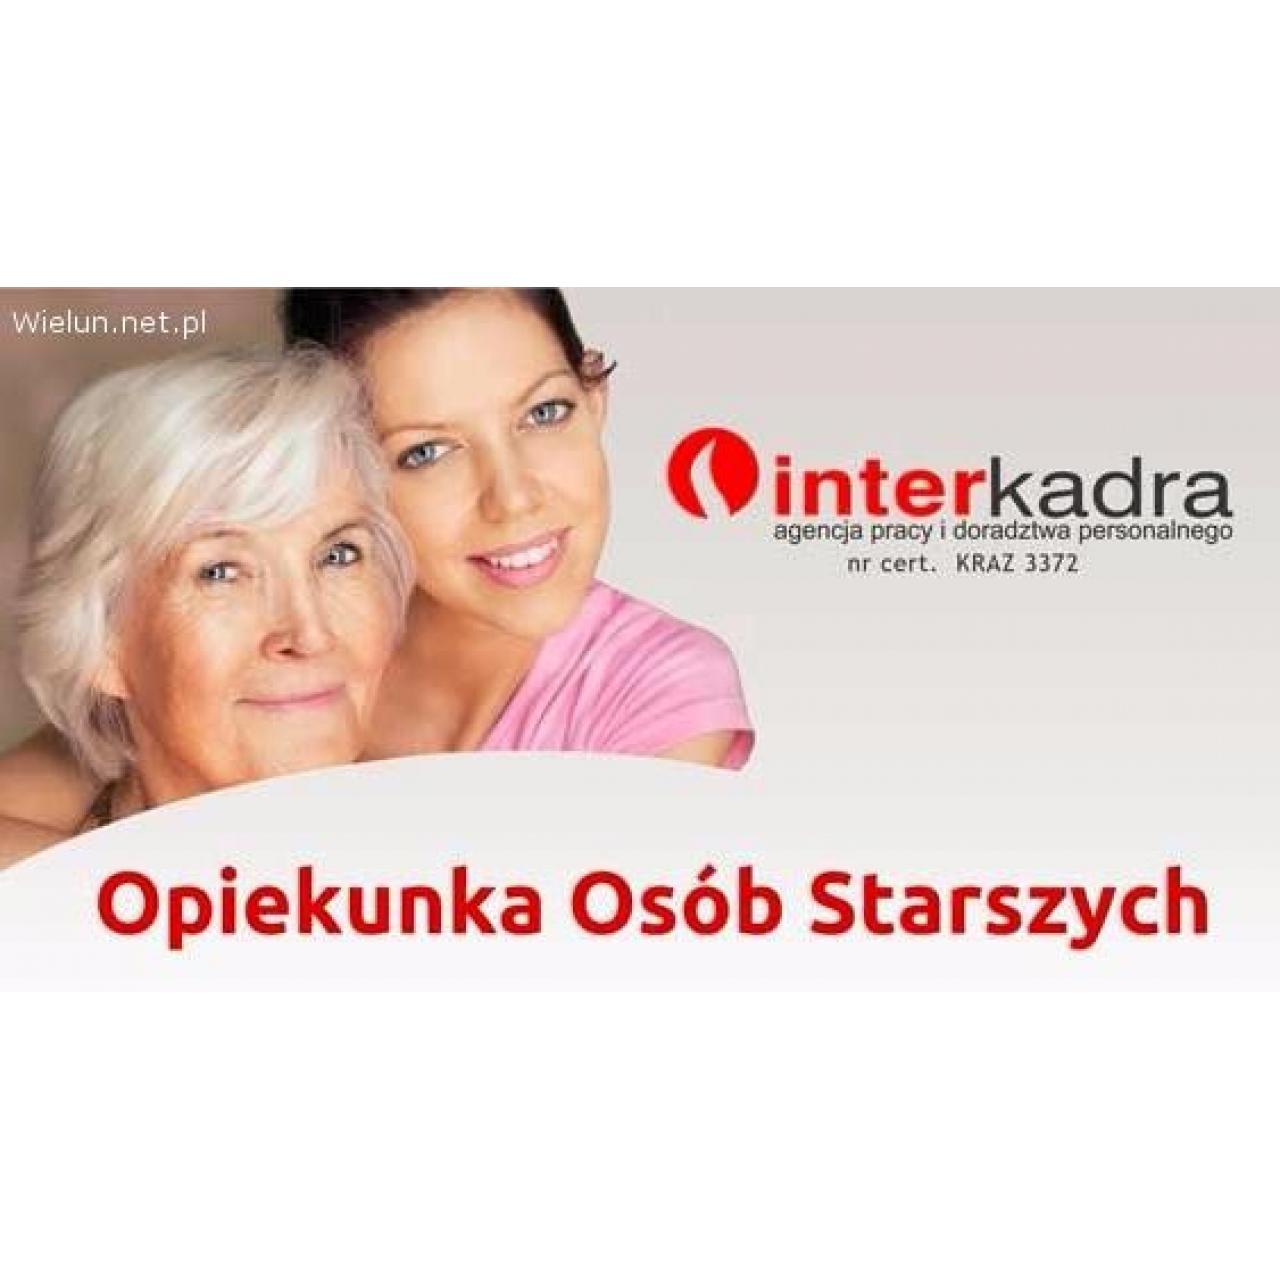 Praca dla Opiekunek w Niemczech na święta, nawet 6000 zł miesięcznie